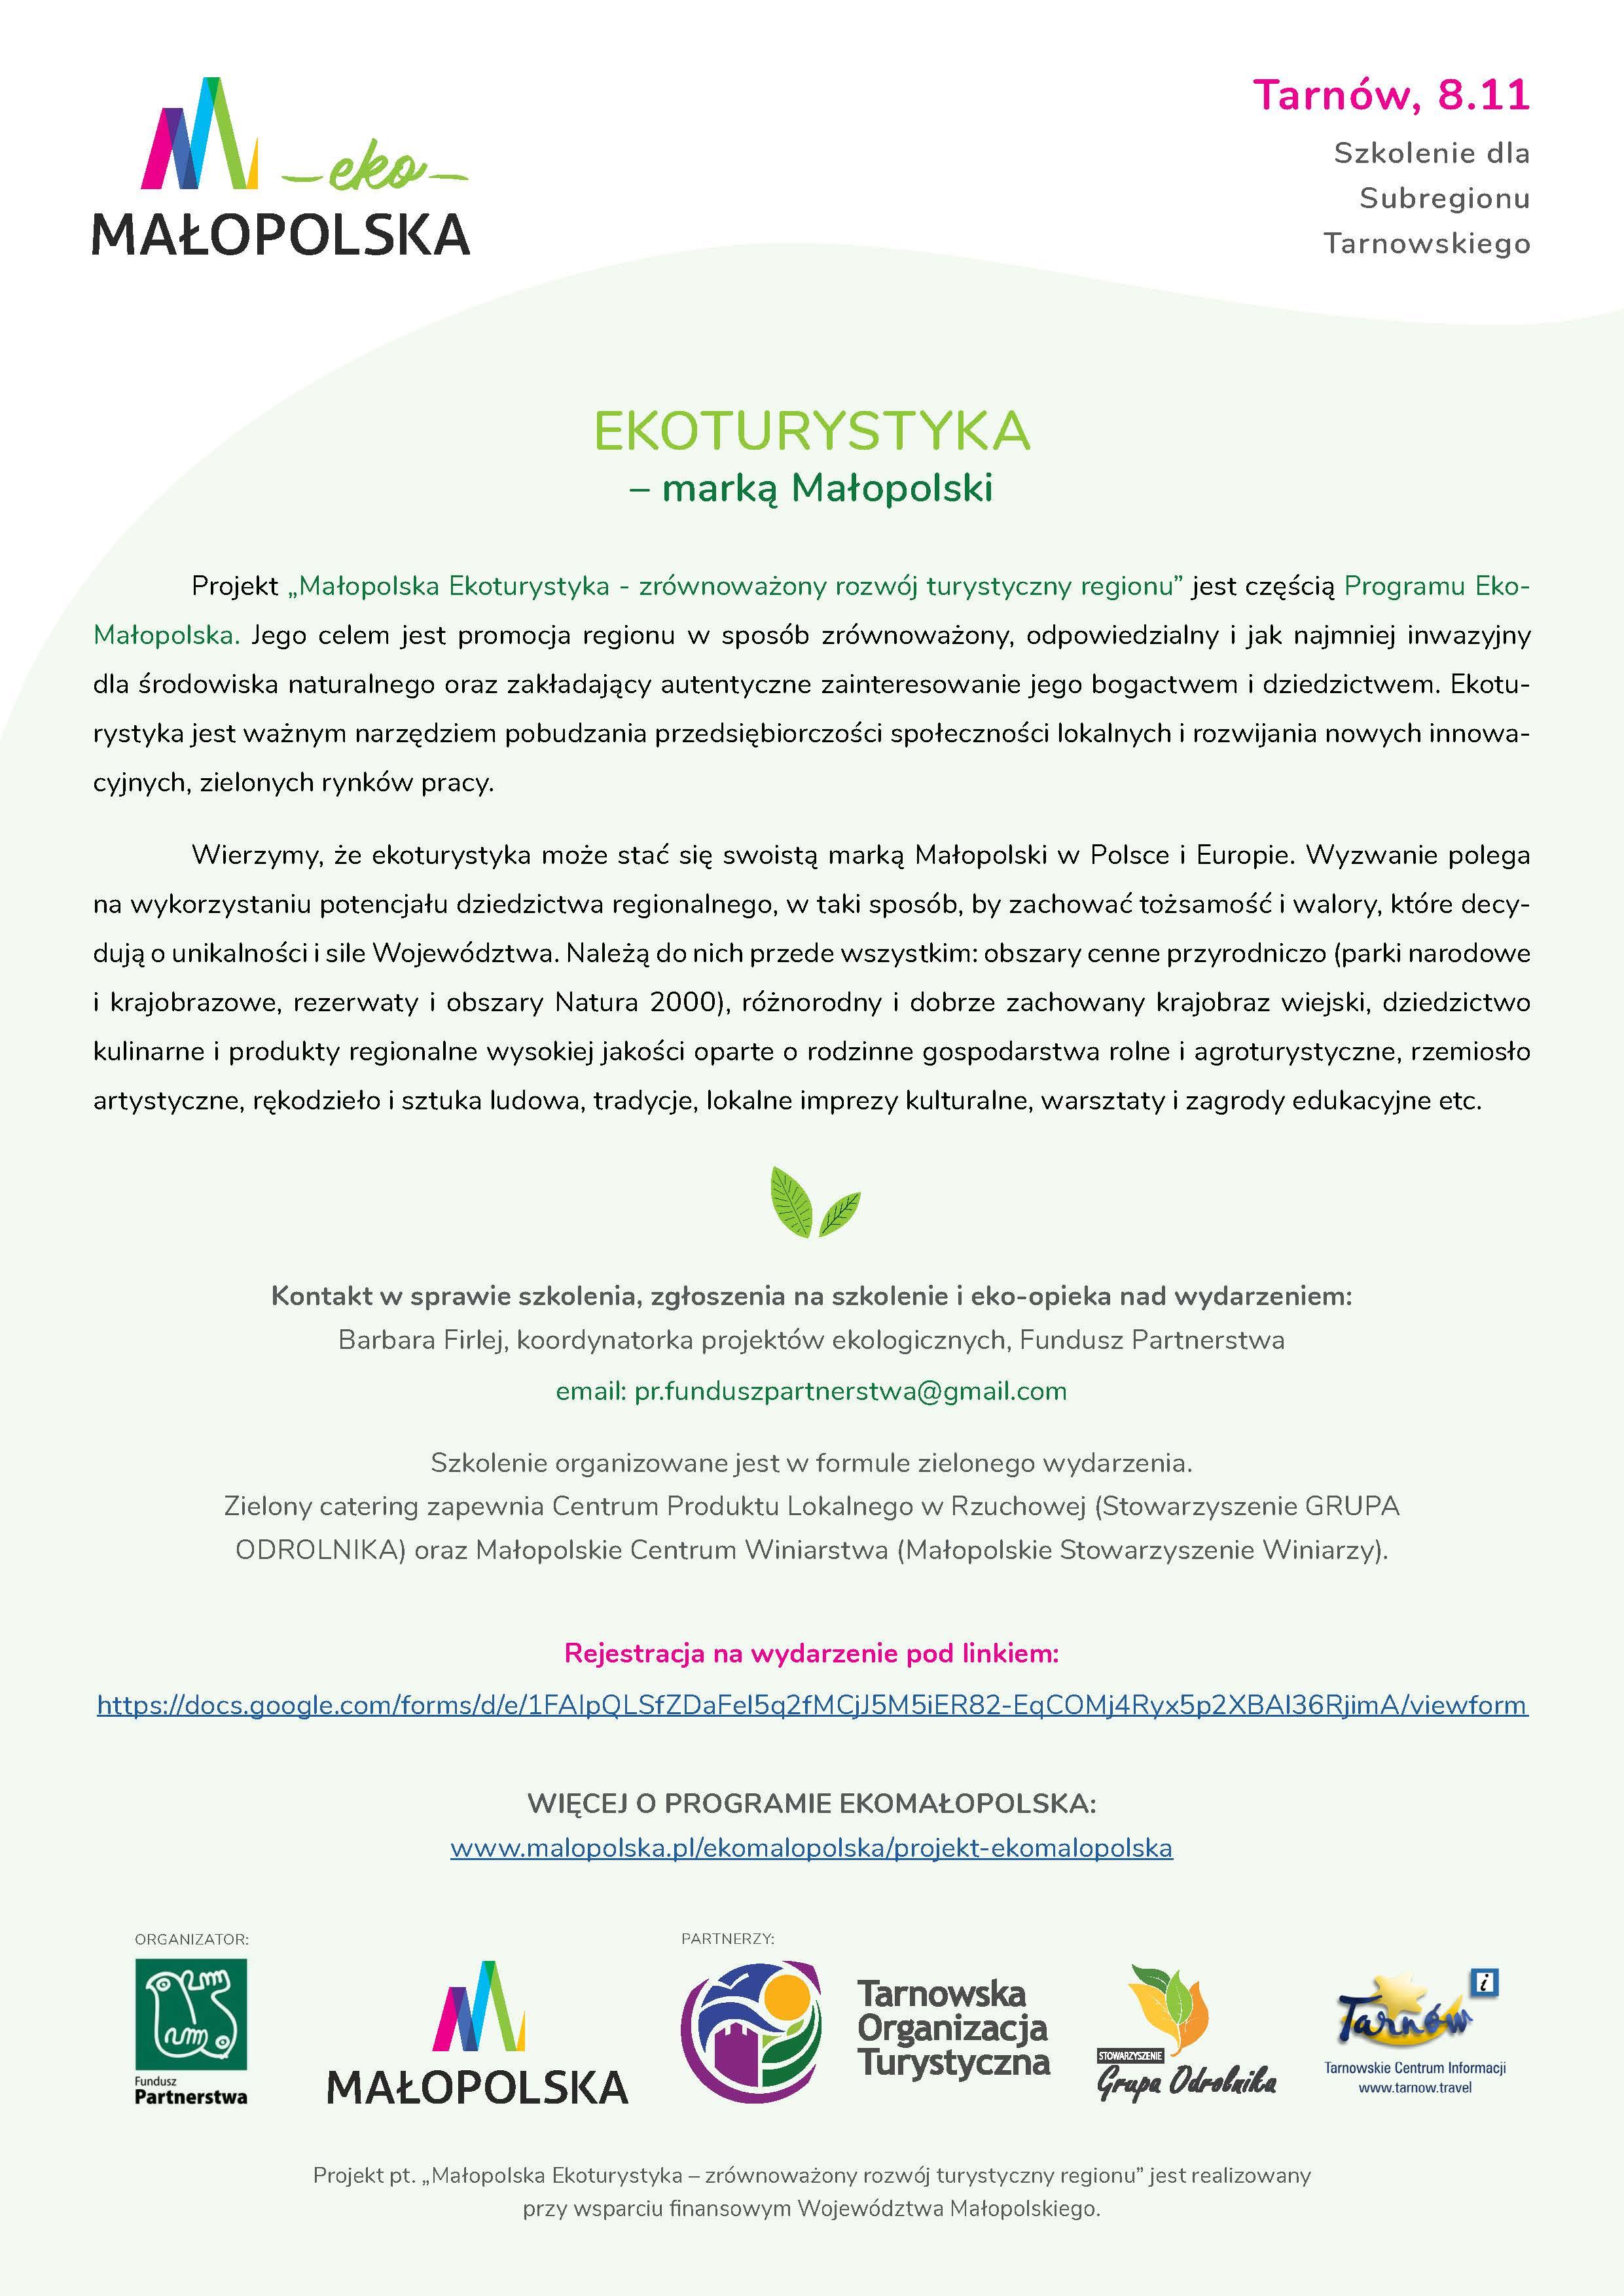 Szkolenie Ekoturystyczne w Tarnowie